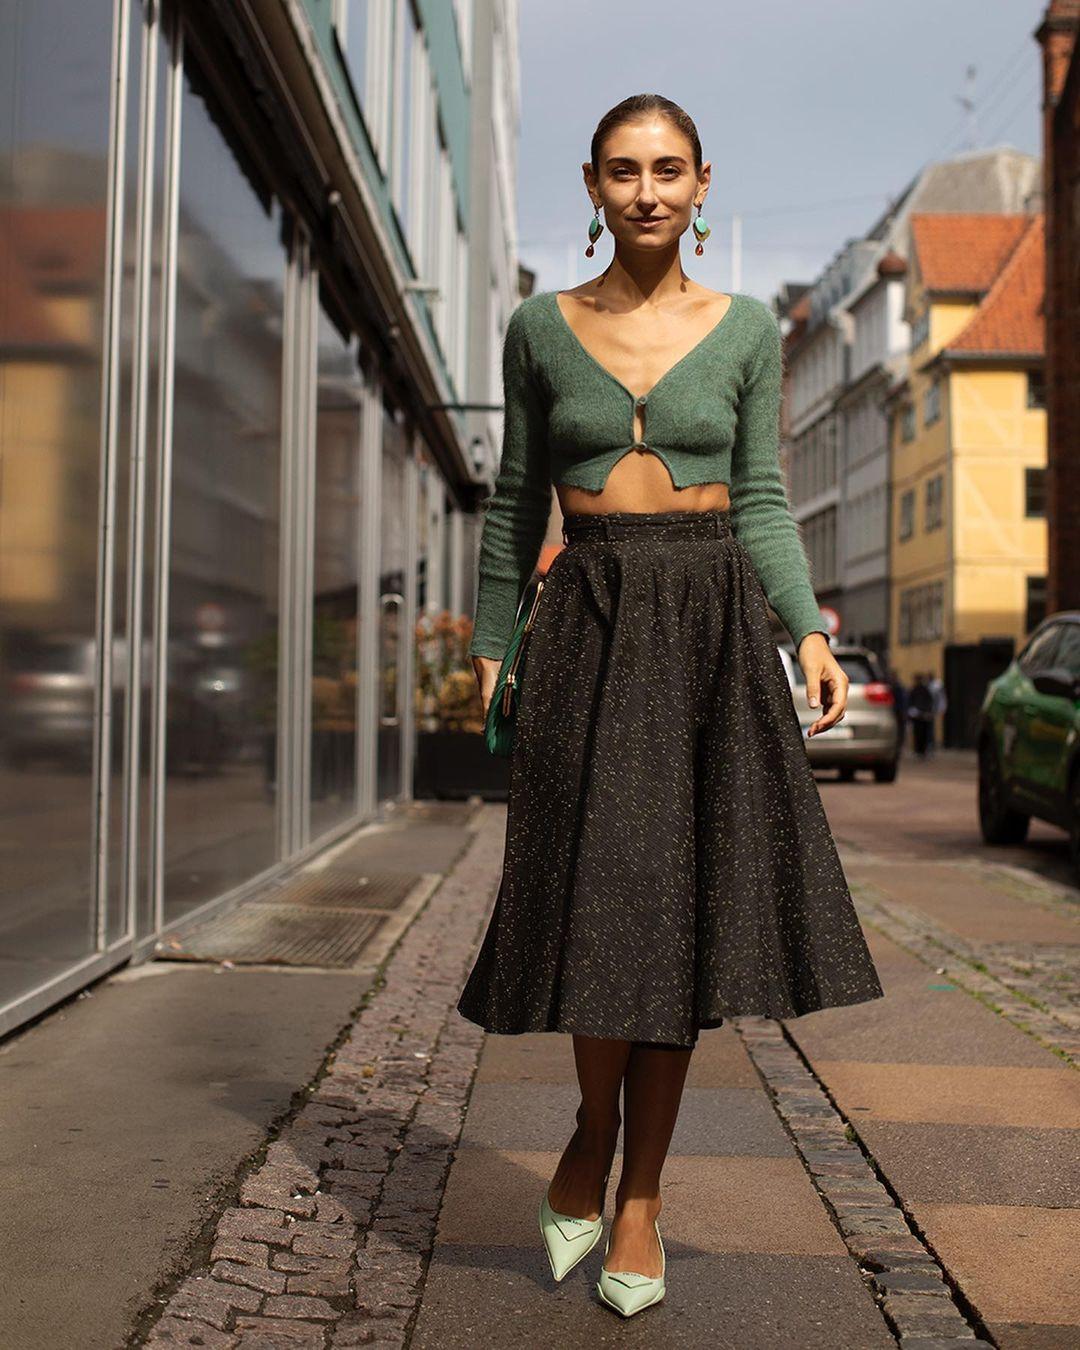 Giày Ballet bệt: Sự bổ sung hoàn hảo cho vẻ ngoài của bạn - 4